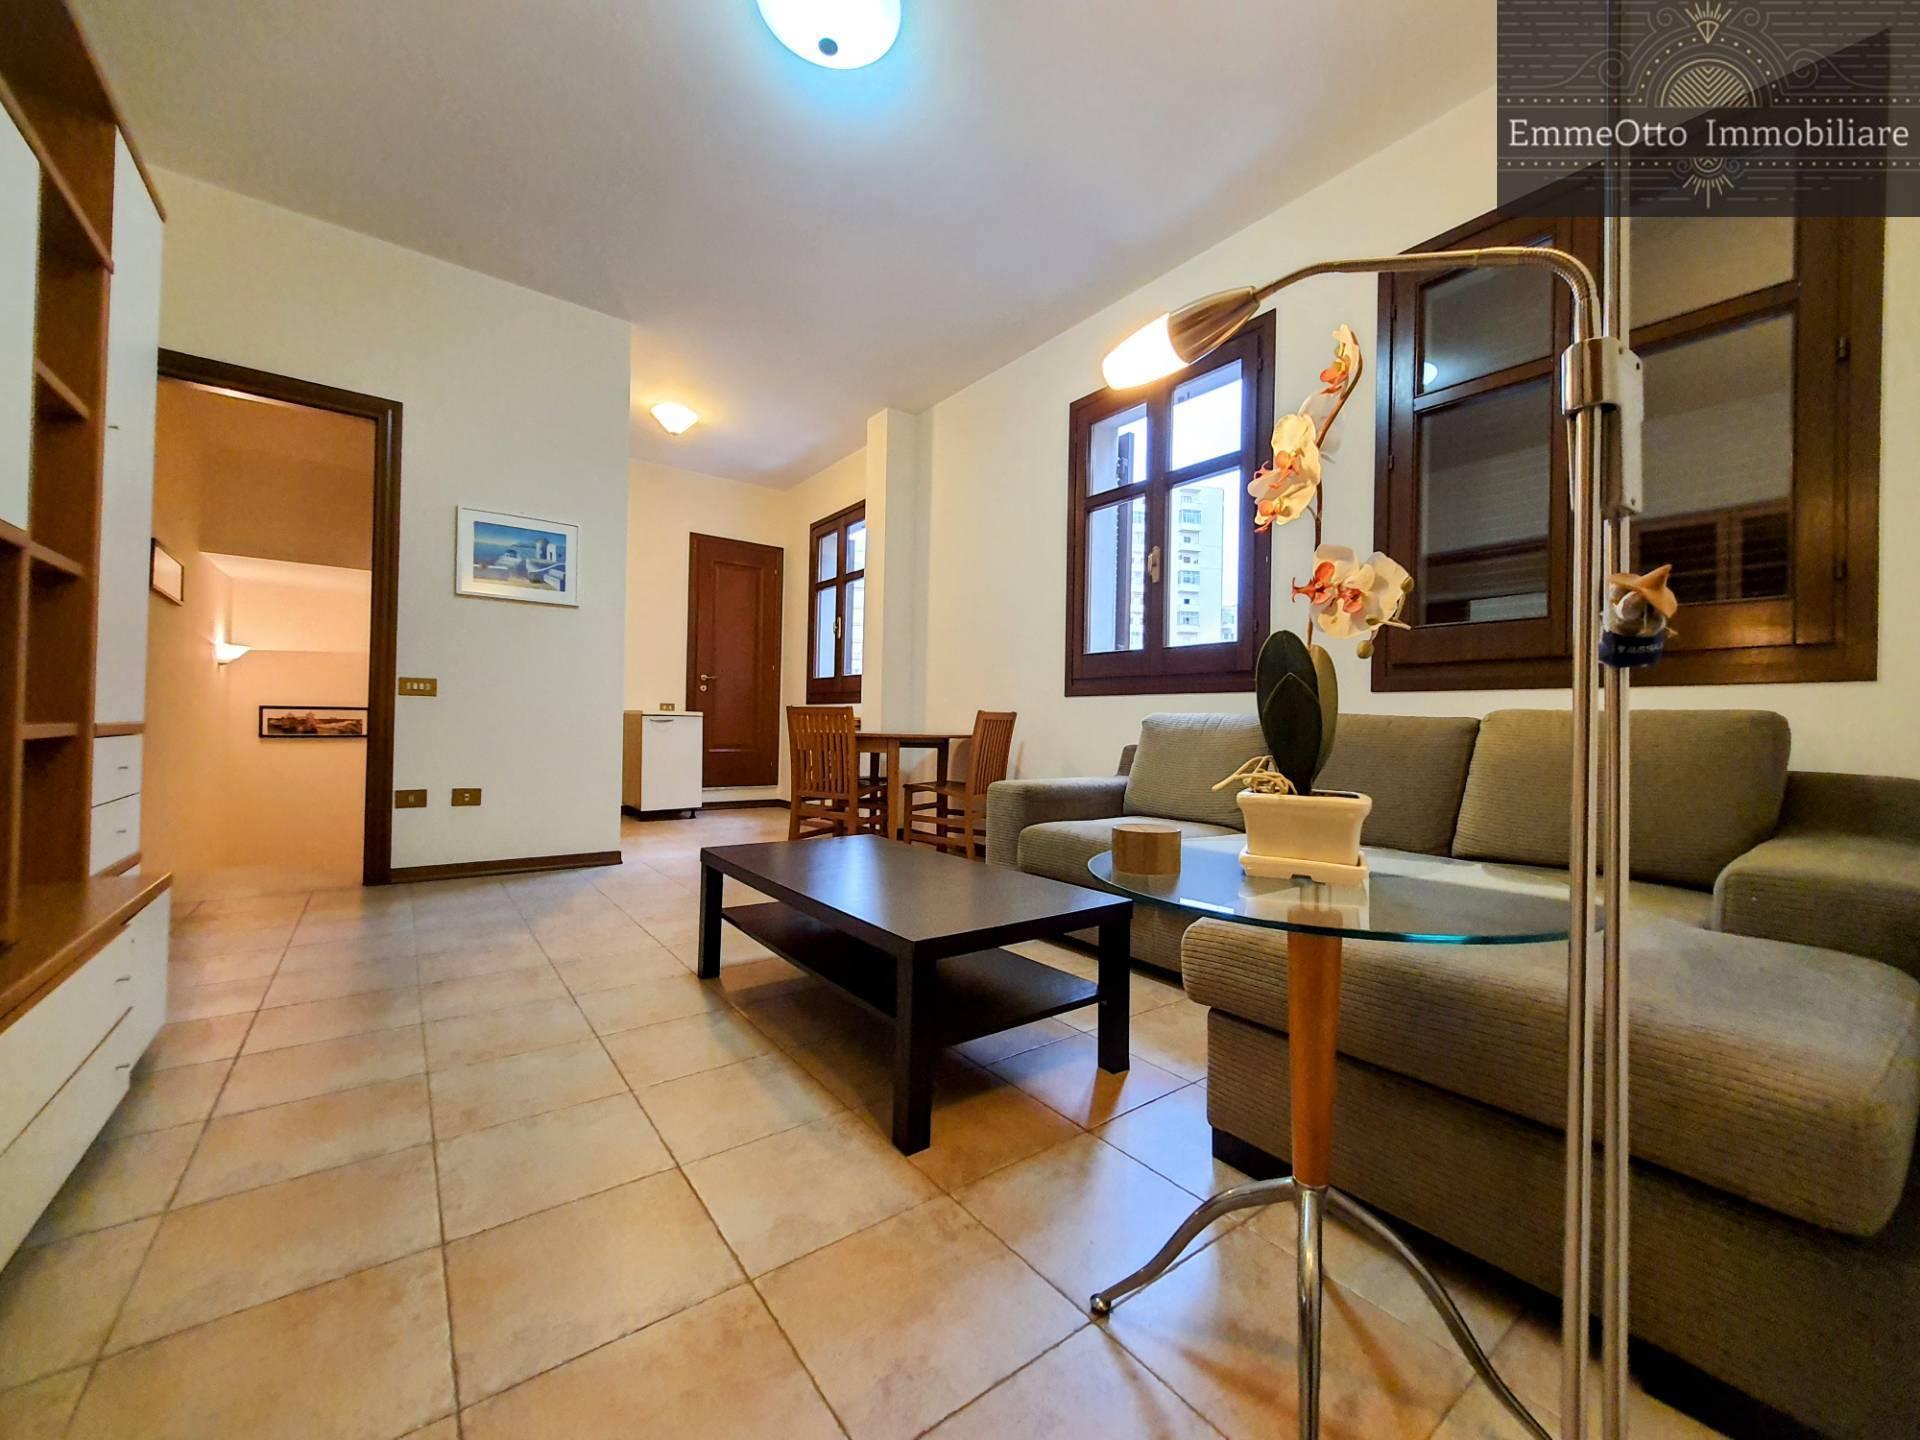 Soluzione Semindipendente in affitto a Cagliari, 3 locali, prezzo € 950   CambioCasa.it